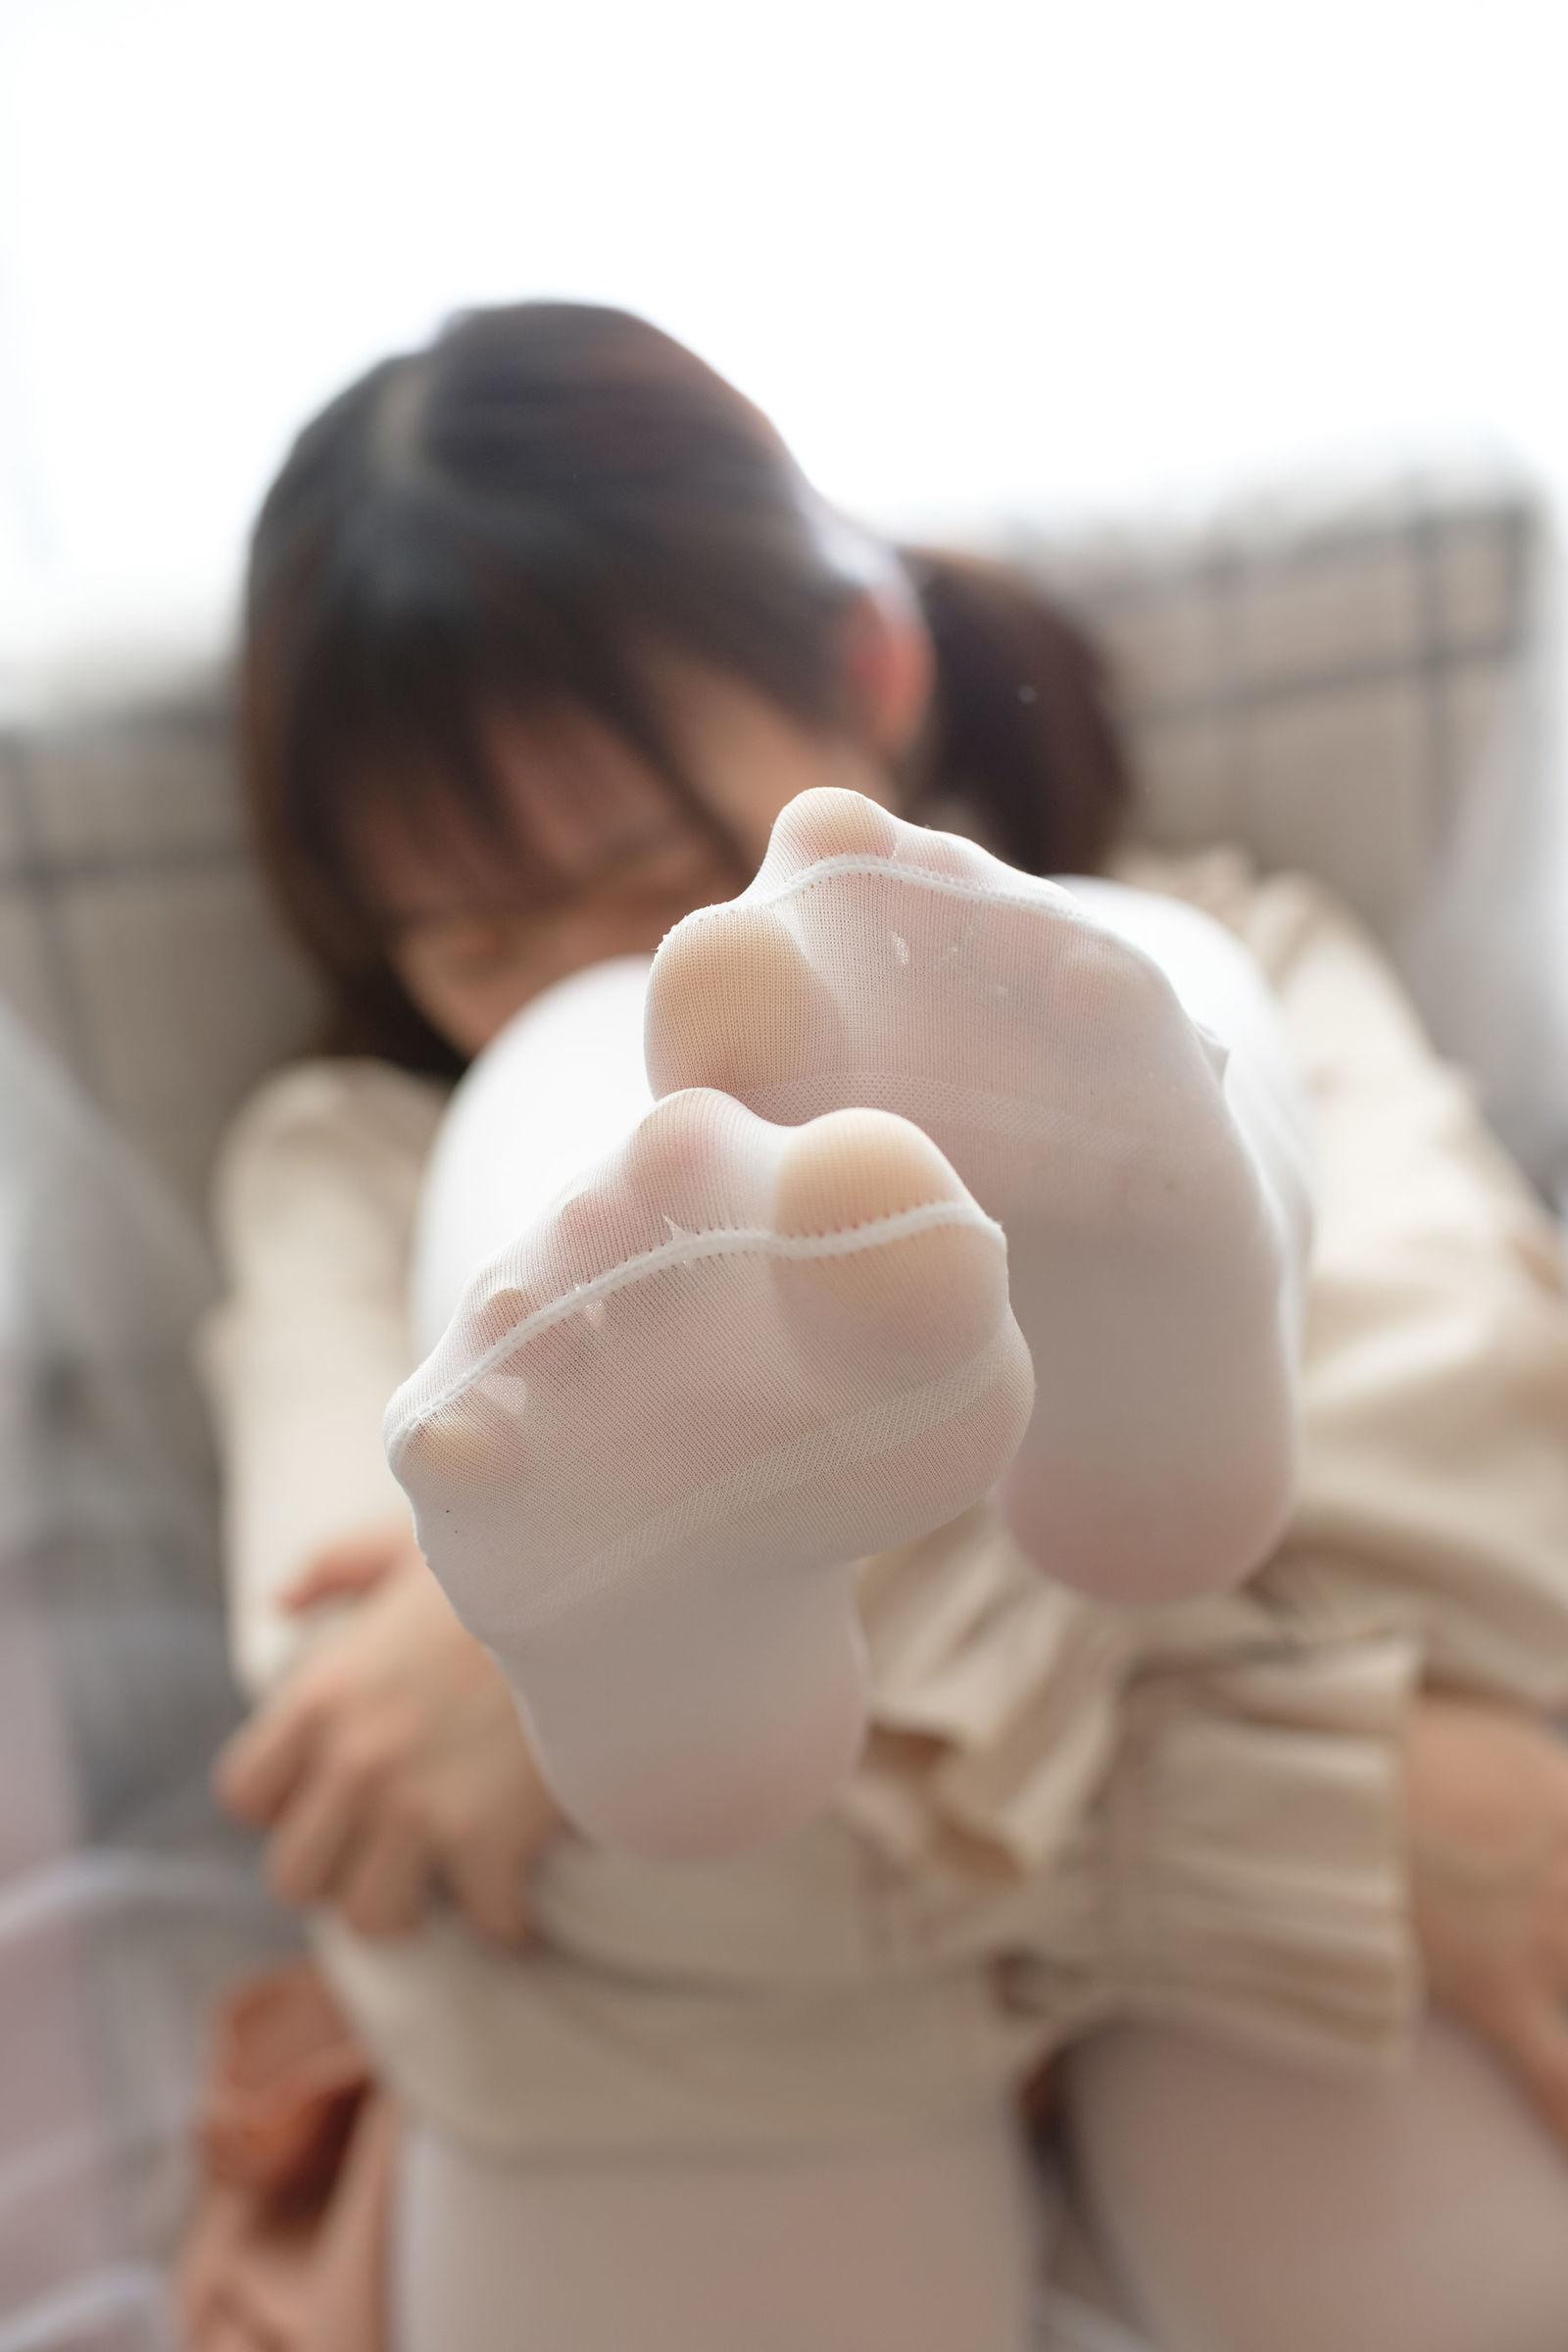 福利美图 萝莉白丝---丝袜写真-第18张图片-哔哔娱乐网